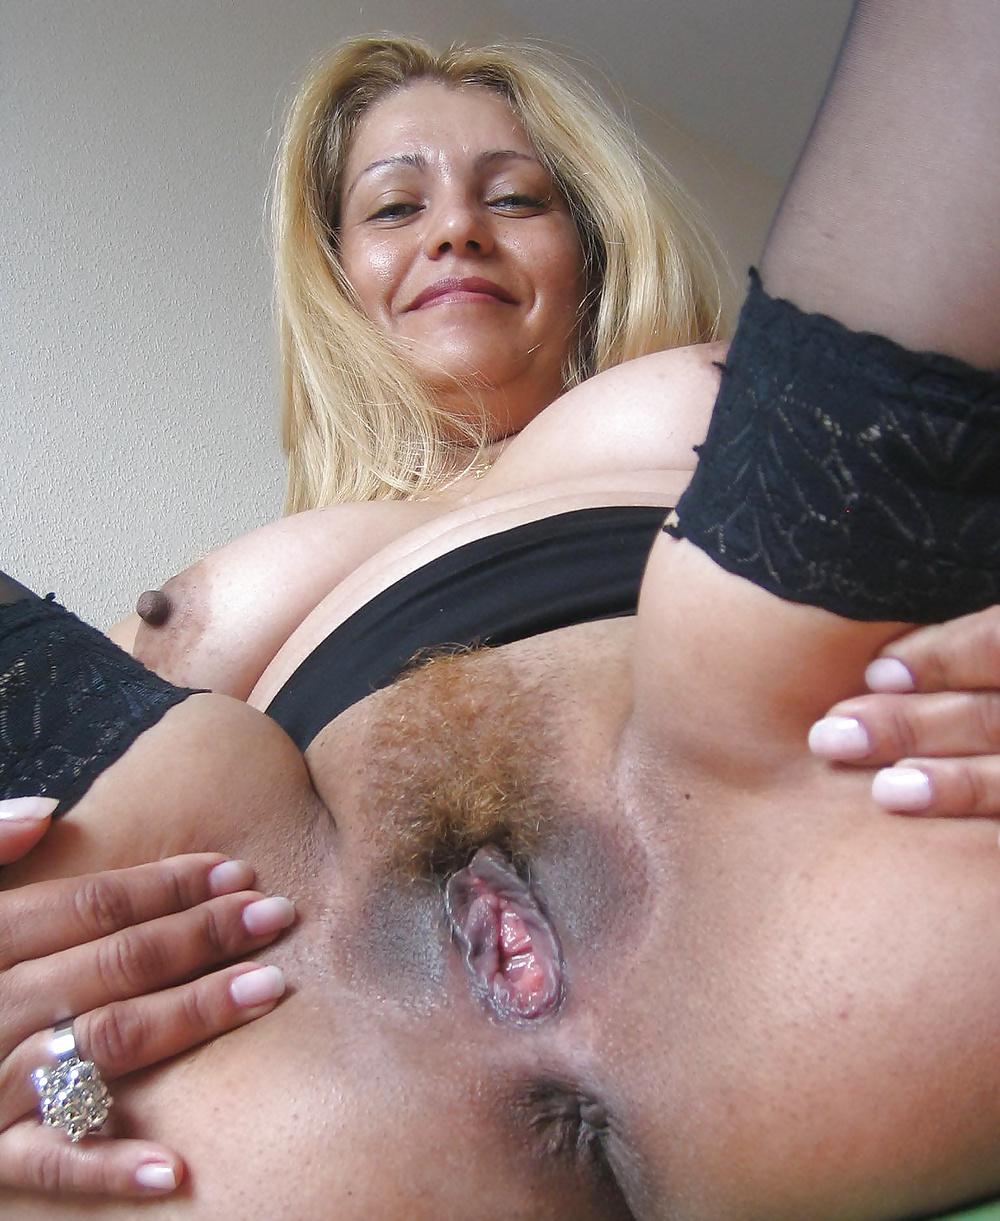 Фото порно выпуклых зрелых пизд